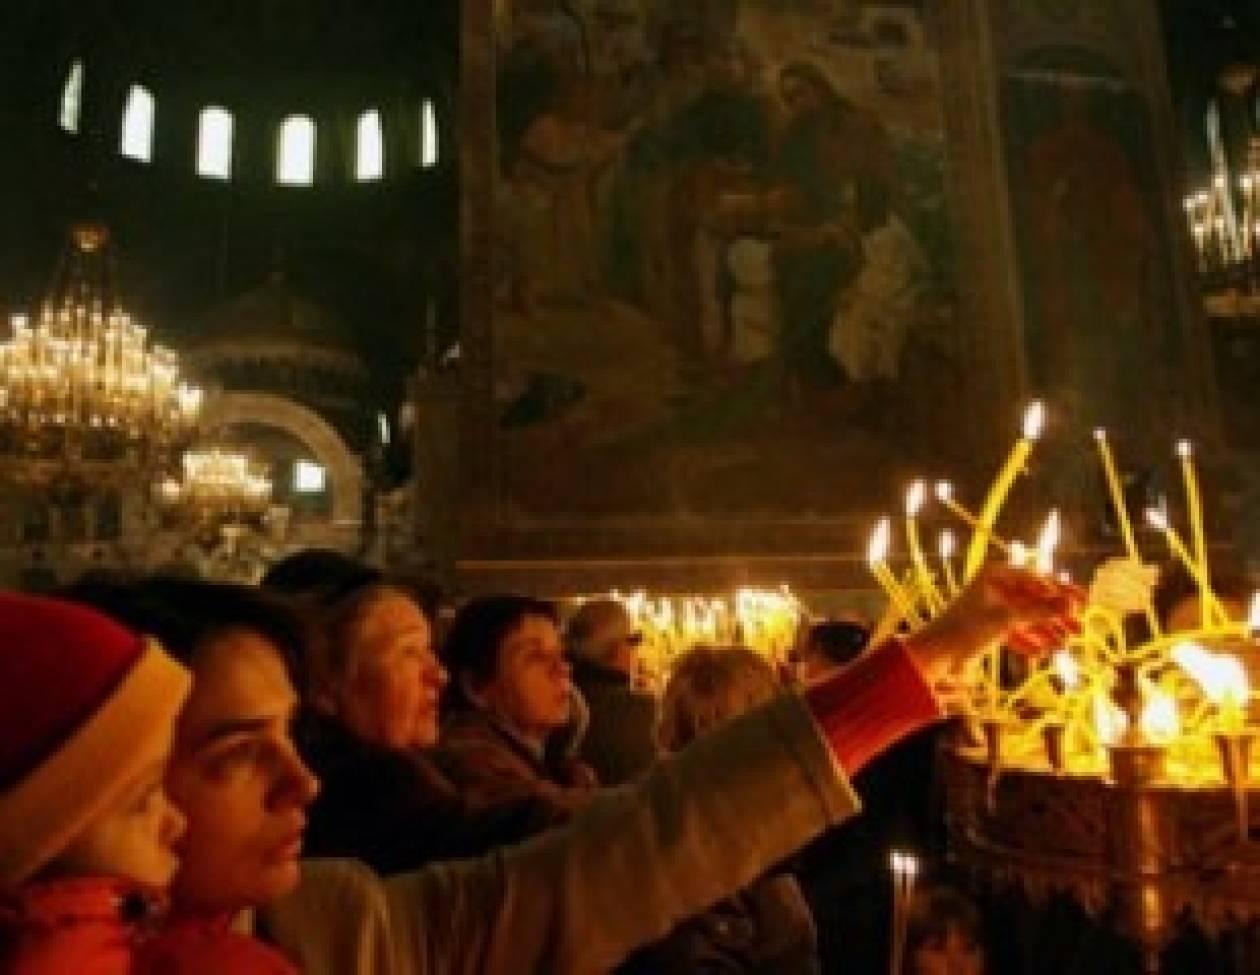 Κοινωνικό Κέντρο Προστασίας Χριστιανών στη Ρωσία